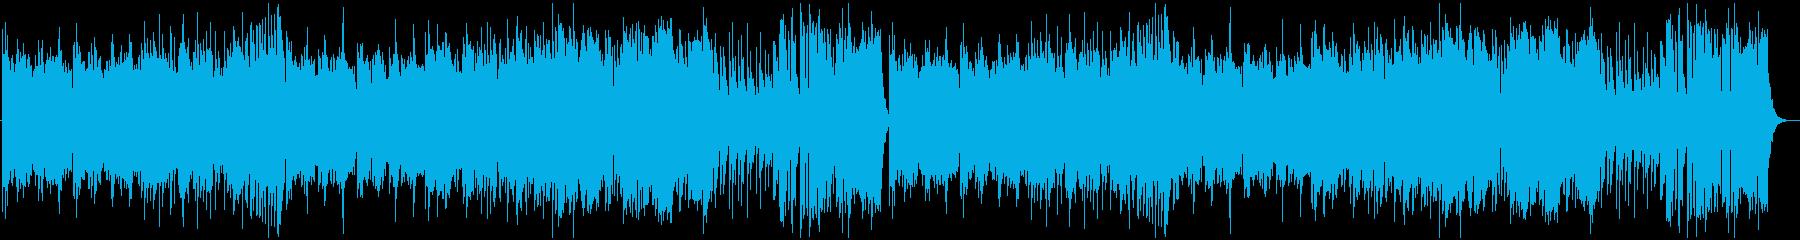 ほのぼのとした中世トラッドの再生済みの波形